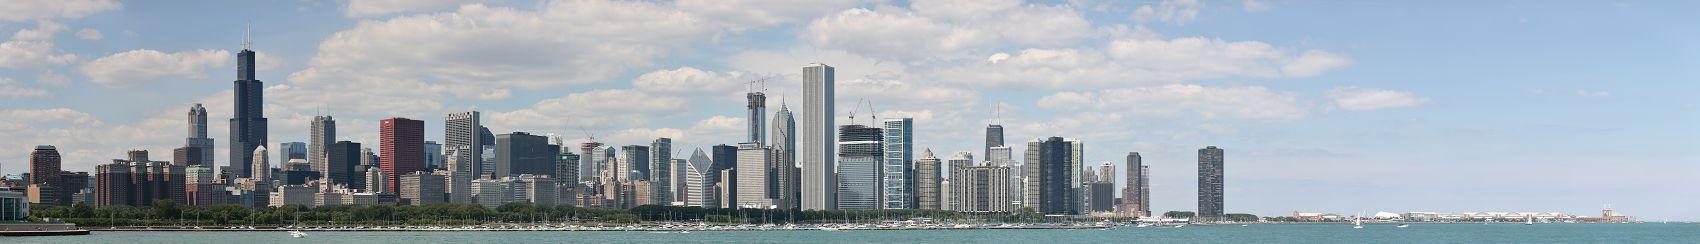 Панорама небоскребов Чикаго